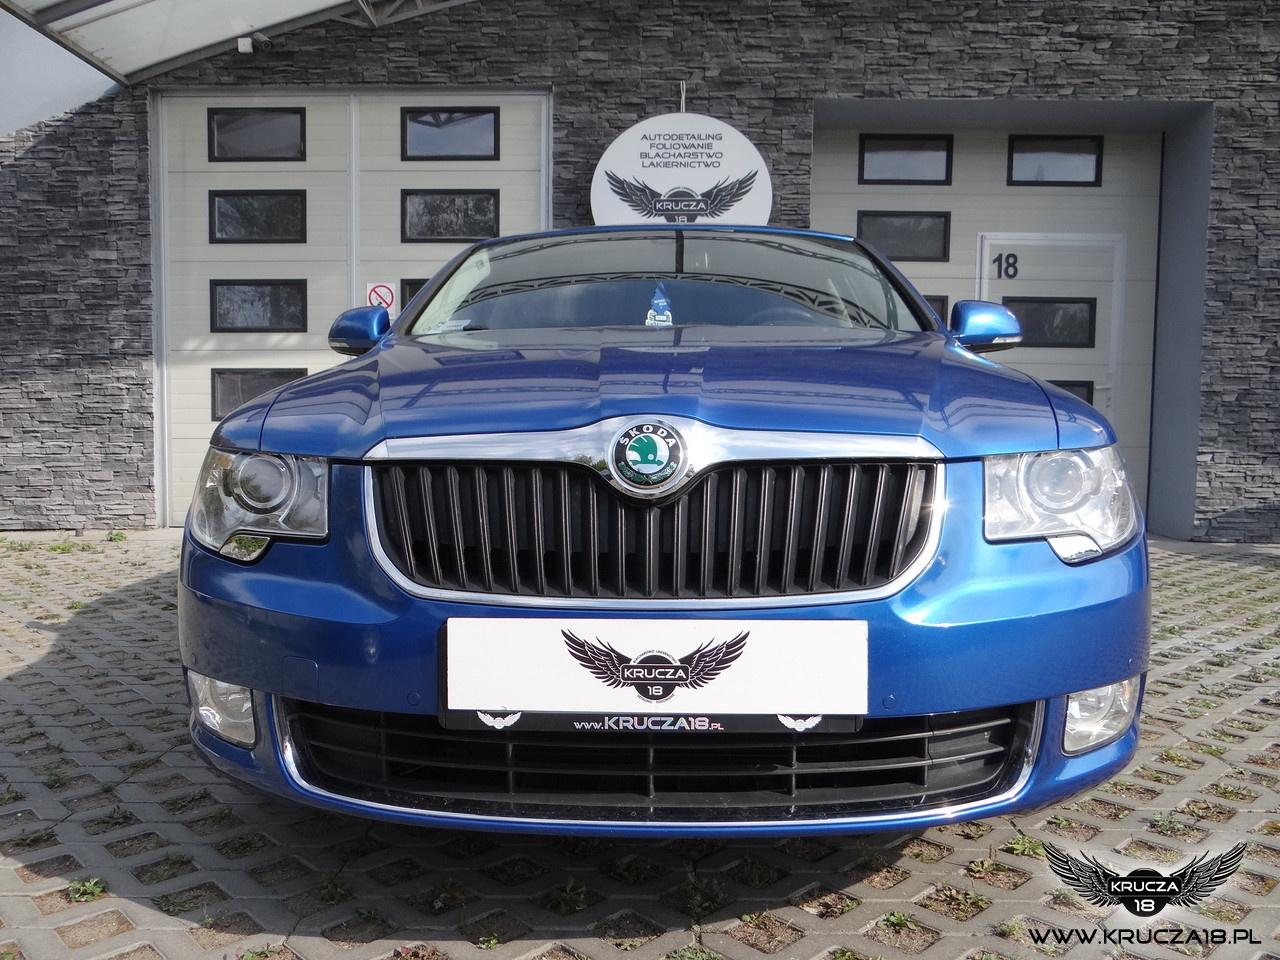 SKODA SUPERB : zmiana koloru auta folia : oklejanie : daytona blue : Krucza18 : Osielsko/k.Bydgoszczy